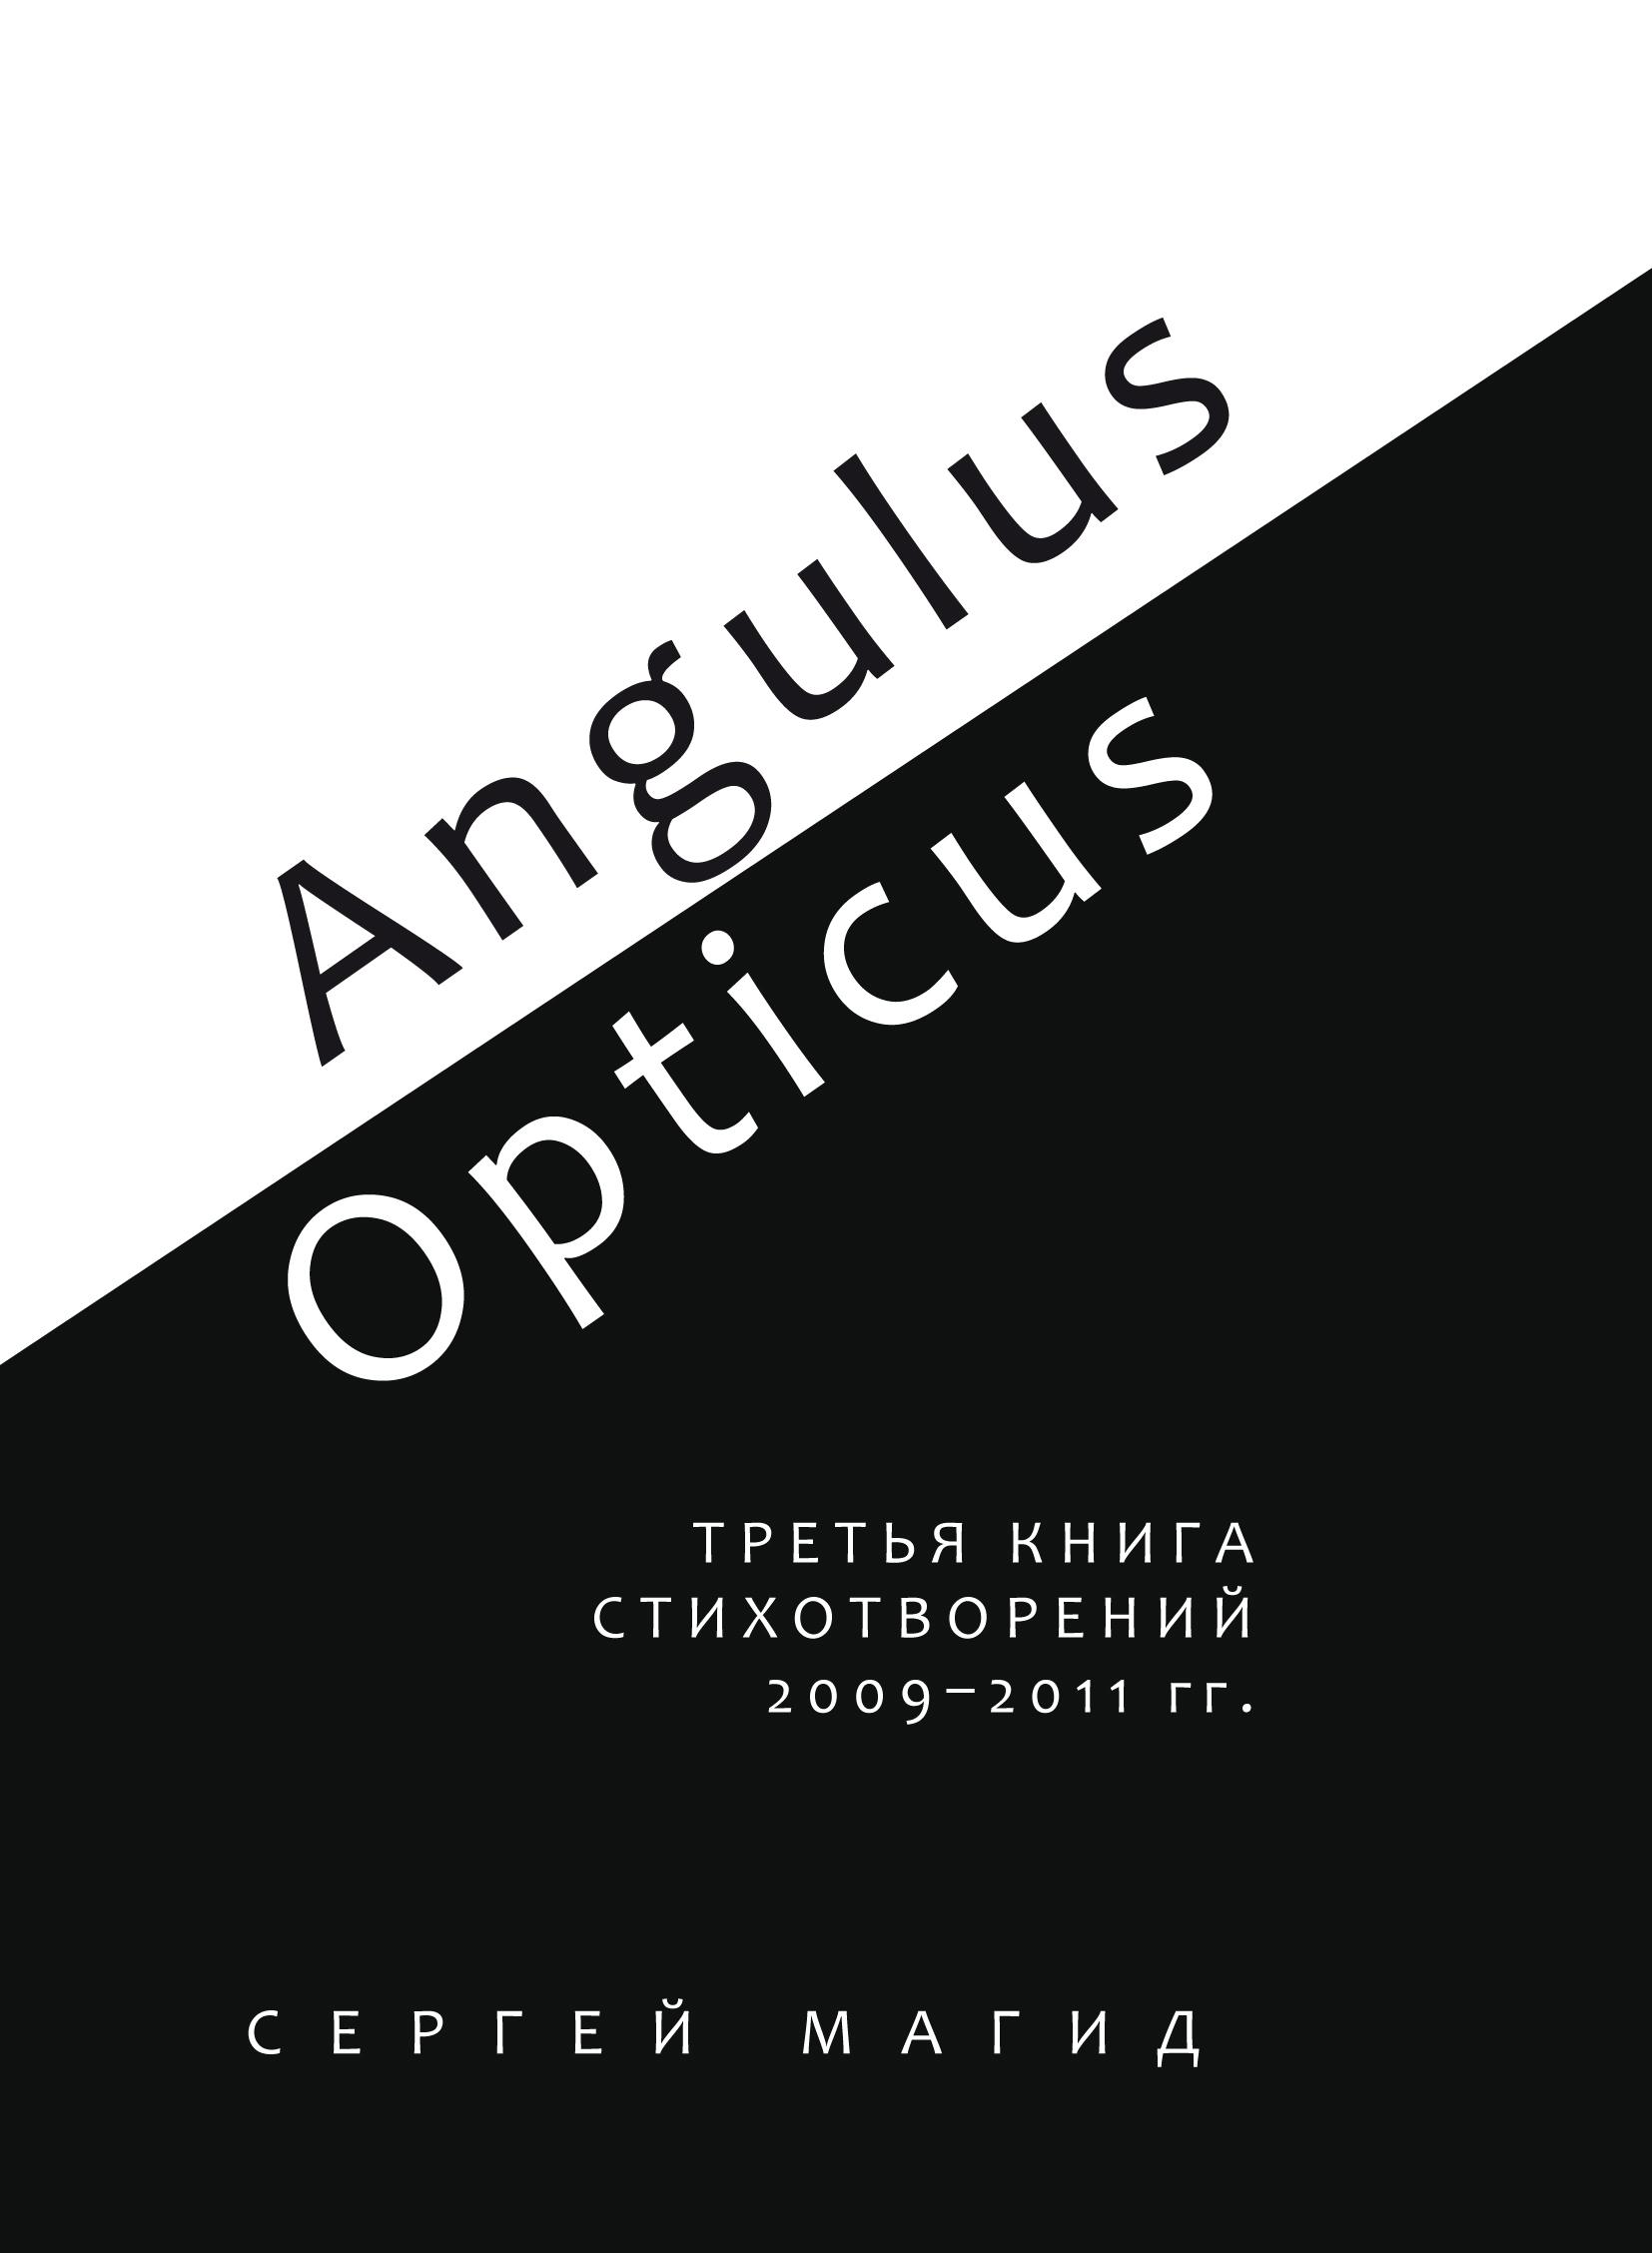 Сергей Магид Angulus / Opticus. Третья книга стихотворений. 2009–2011 гг. значок бюро путешествий ленинград металл эмаль ссср 1970 е гг